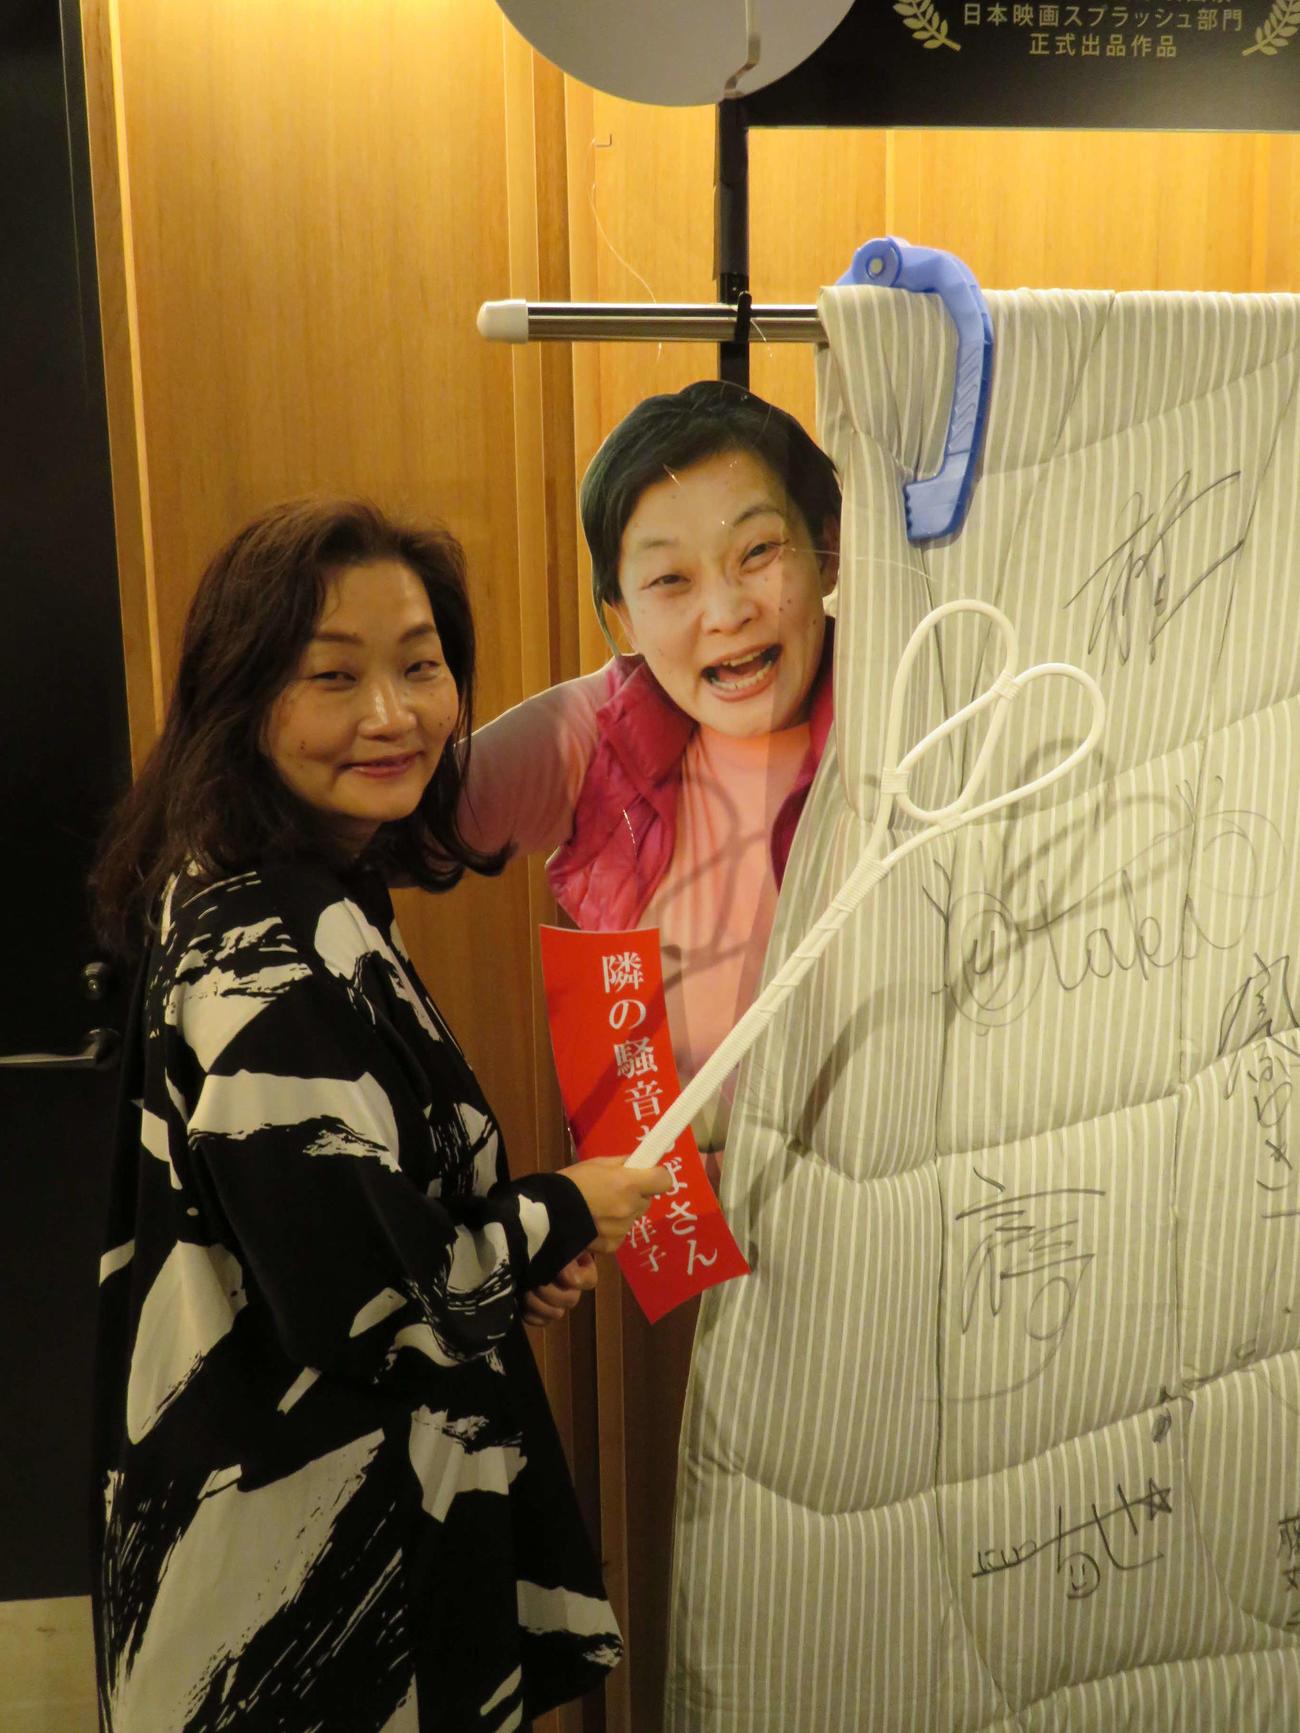 公開中の映画館に置かれた布団を布団たたきでたたく大高洋子(撮影・村上幸将)